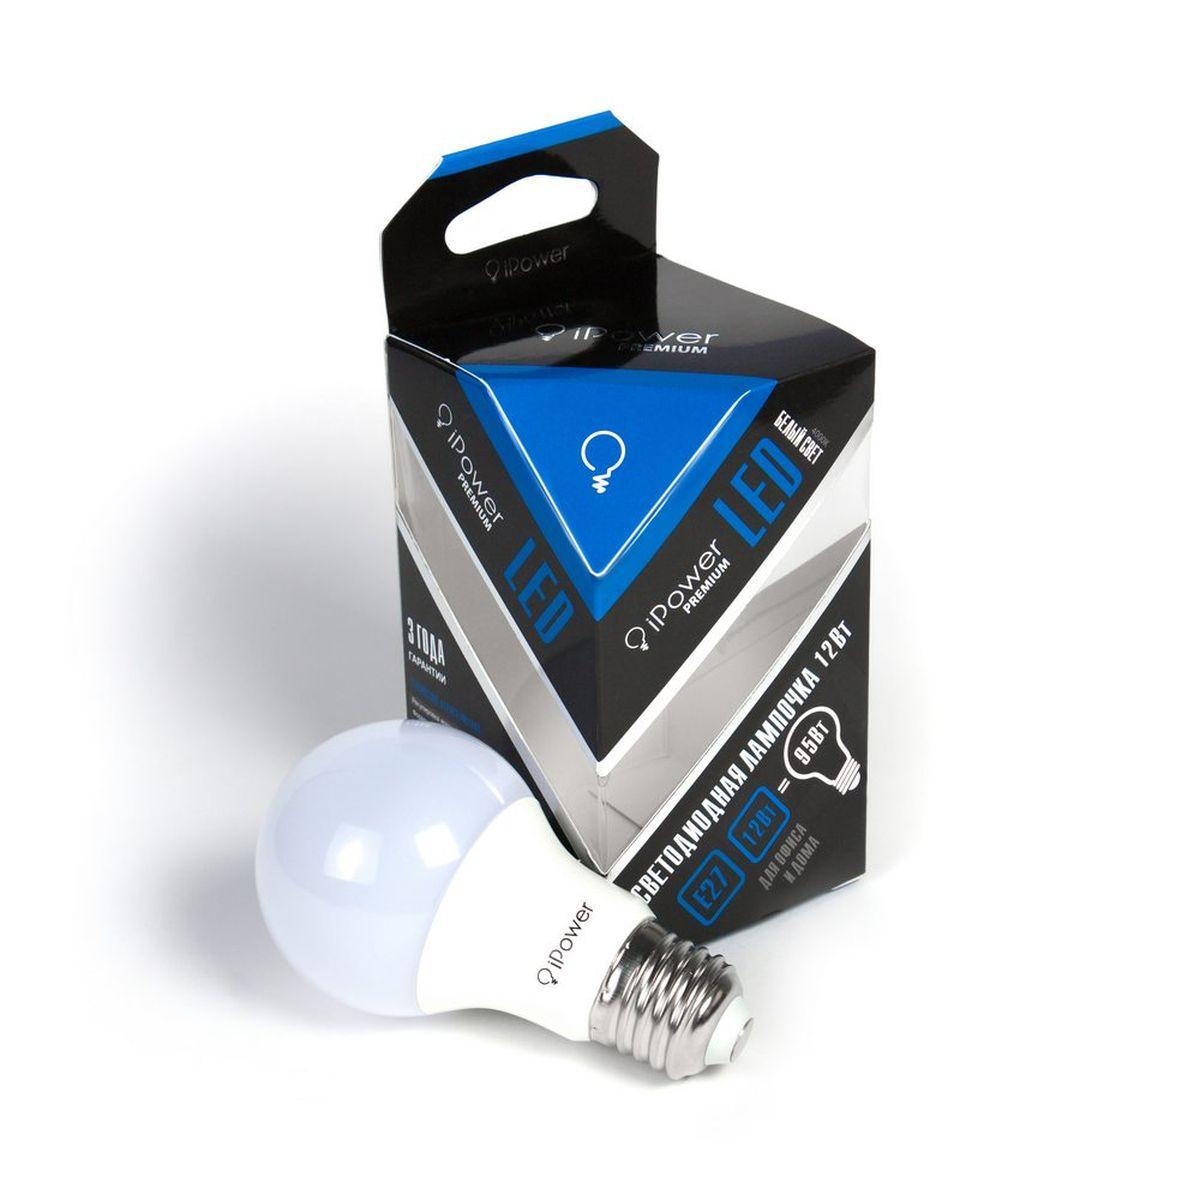 Лампа светодиодная iPower Premium, цоколь Е27, 12W, 4000К1001967Светодиодная лампа iPower Premium имеет очень низкое энергопотребление. В сравнении с лампами накаливания LED потребляет в 12 раз меньше электричества, а в сравнении с энергосберегающими - в 2-4 раза меньше. При этом срок службы LED лампочки в 5 раз выше, чем энергосберегающей, и в 50 раз выше, чем у лампы накаливания. Светодиодная лампа iPower Premium создает мягкий рассеивающий свет без мерцаний, что совершенно безопасно для глаз. Она специально разработана по требованиям российских и европейских законов и подходит ко всем осветительным устройствам, совместимым со стандартным цоколем E27. Использование светодиодов от мирового лидера Epistar - это залог надежной и стабильной работы лампы. Нейтральный белый оттенок свечения идеально подойдет для освещения как офисов, образовательных и медицинских учреждений, так и кухни, гостиной. Диапазон рабочих температур: от -50°C до +50°С. Материал: алюминий, поликарбонат. Потребляемая мощность: 12 Вт. Рабочее...